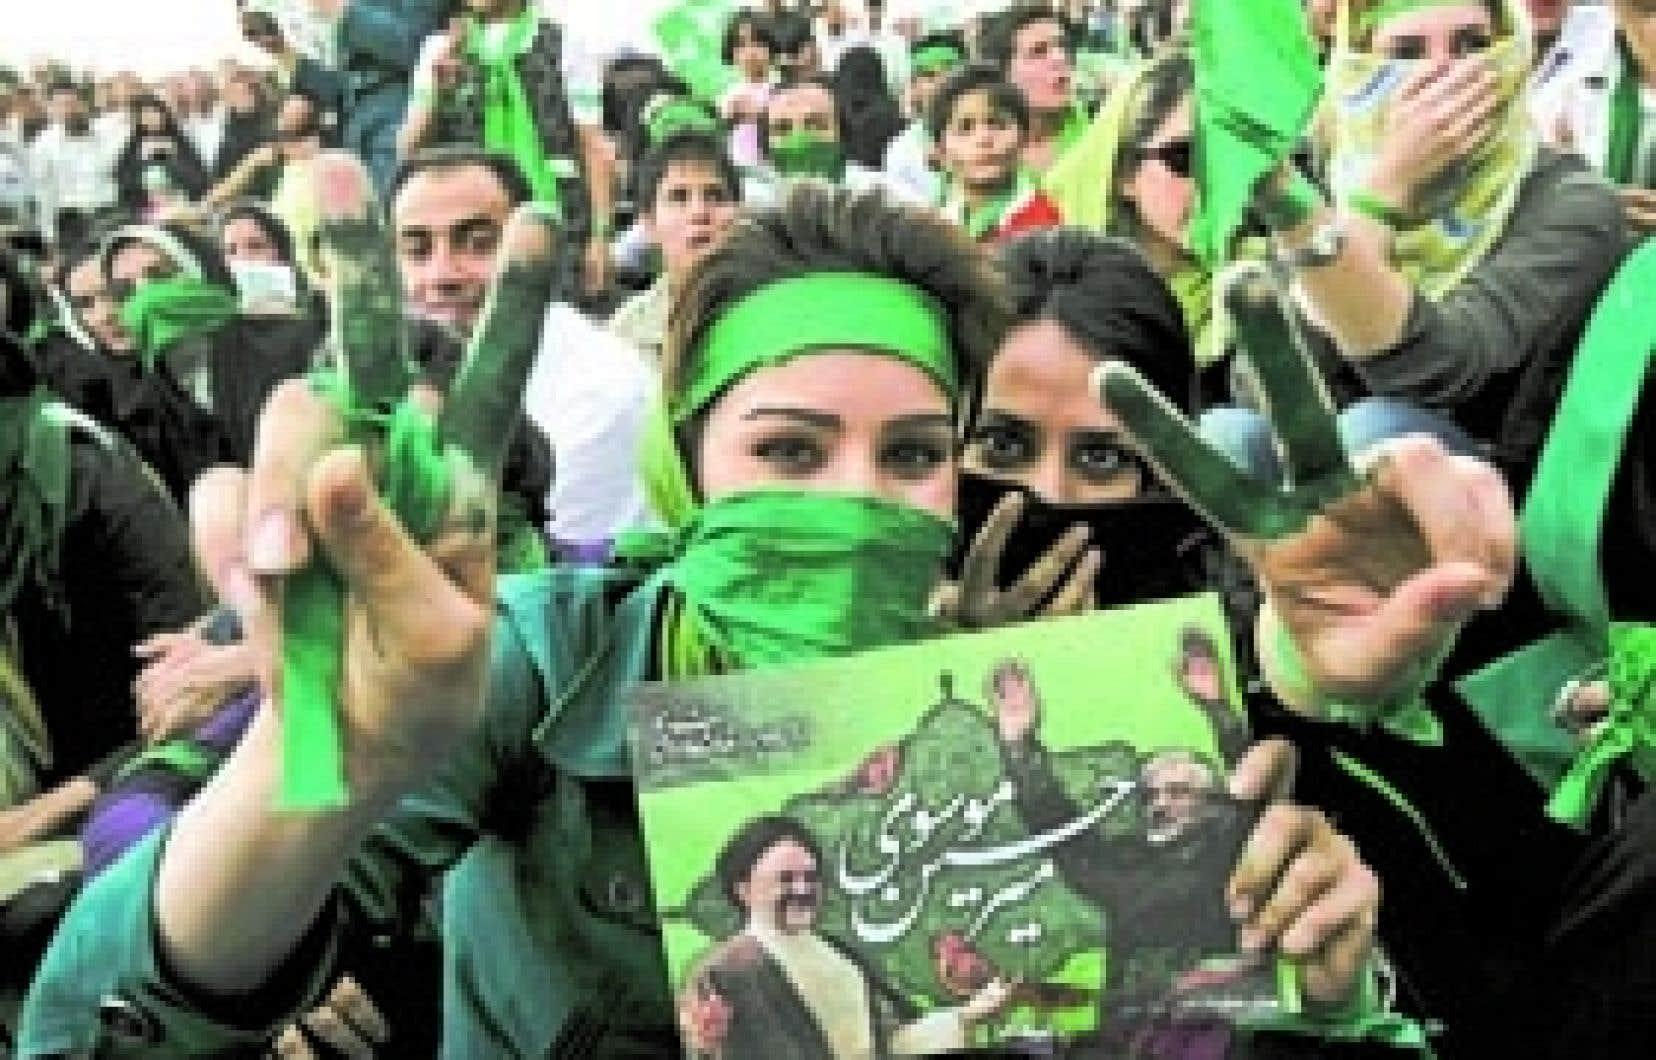 De plus en plus confiants, les partisans de Mir Hossein Moussavi envahissent les rues du nord de Téhéran, provoquant une marée verte dans ce quartier plutôt aisé de la capitale.